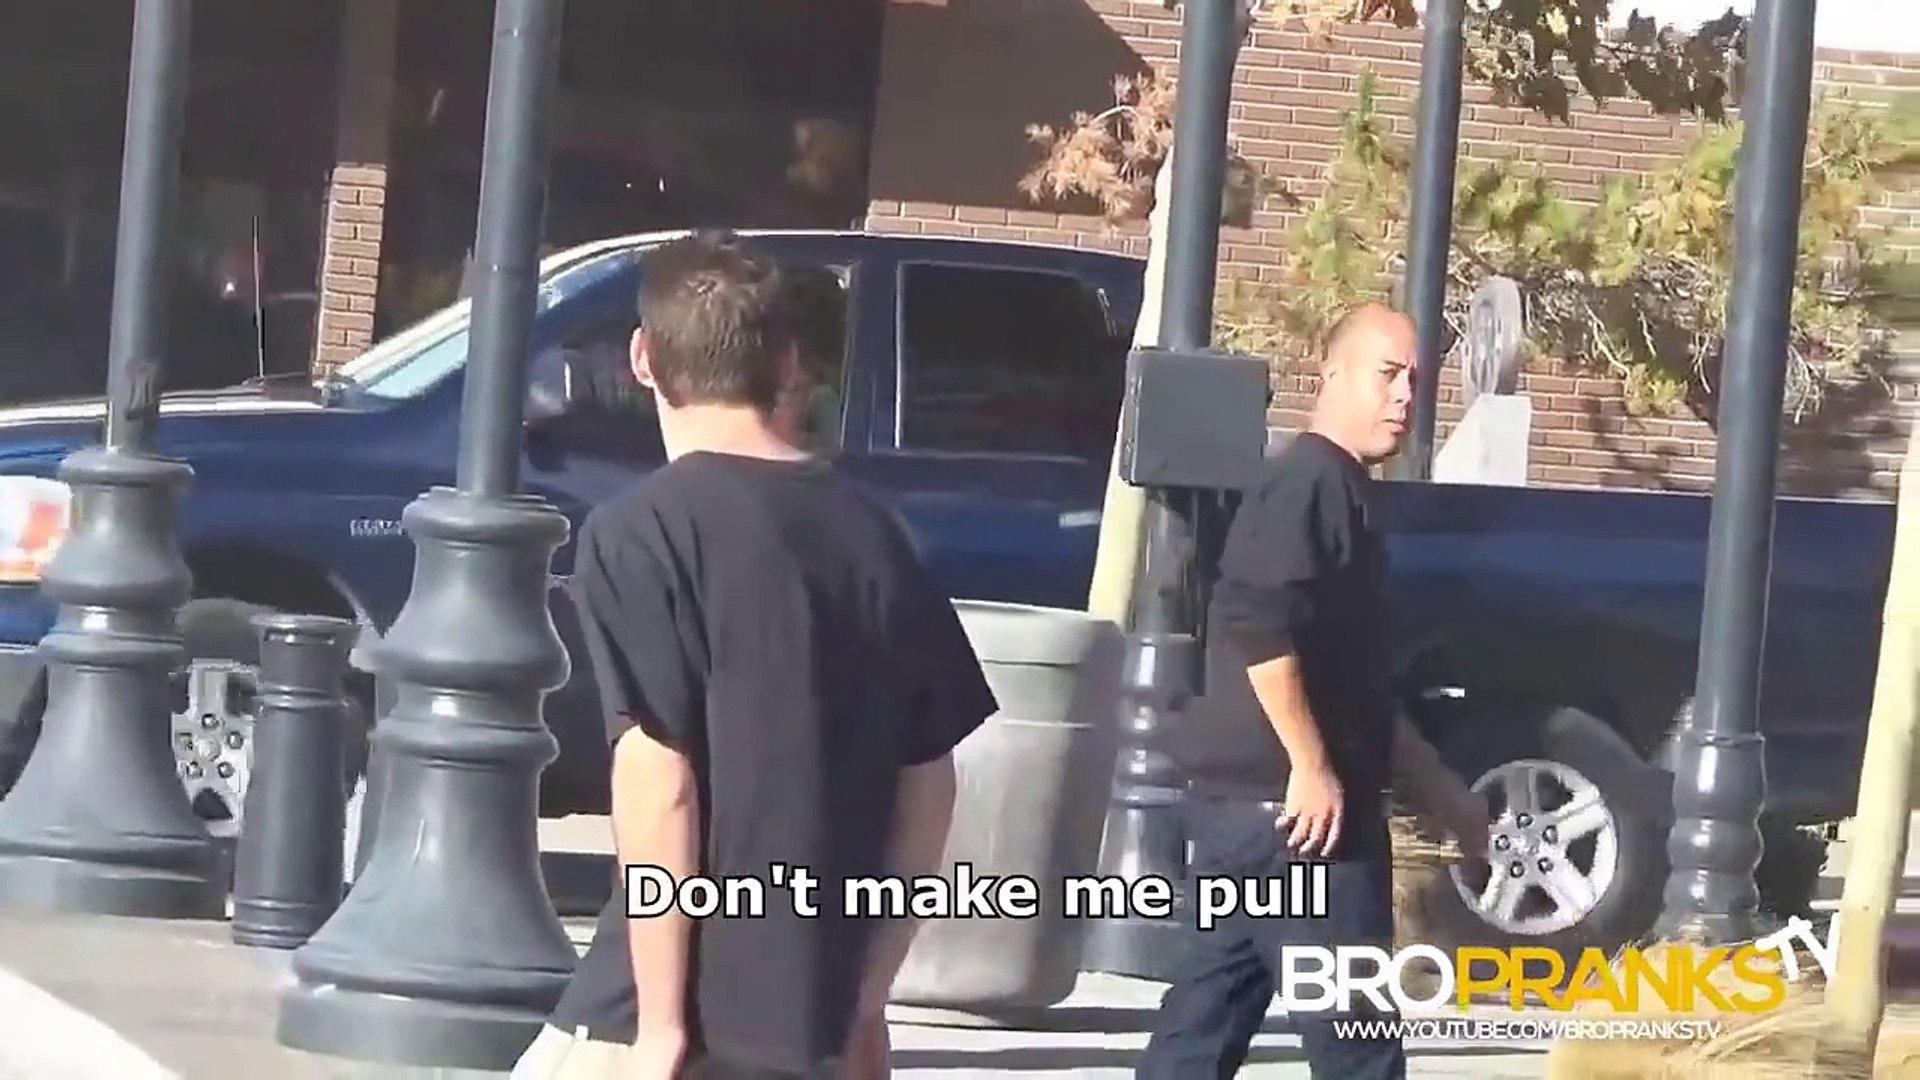 Almost Pickpocketing People (PRANKS GONE WRONG) Pranks in the Hood Pranks on People 2014